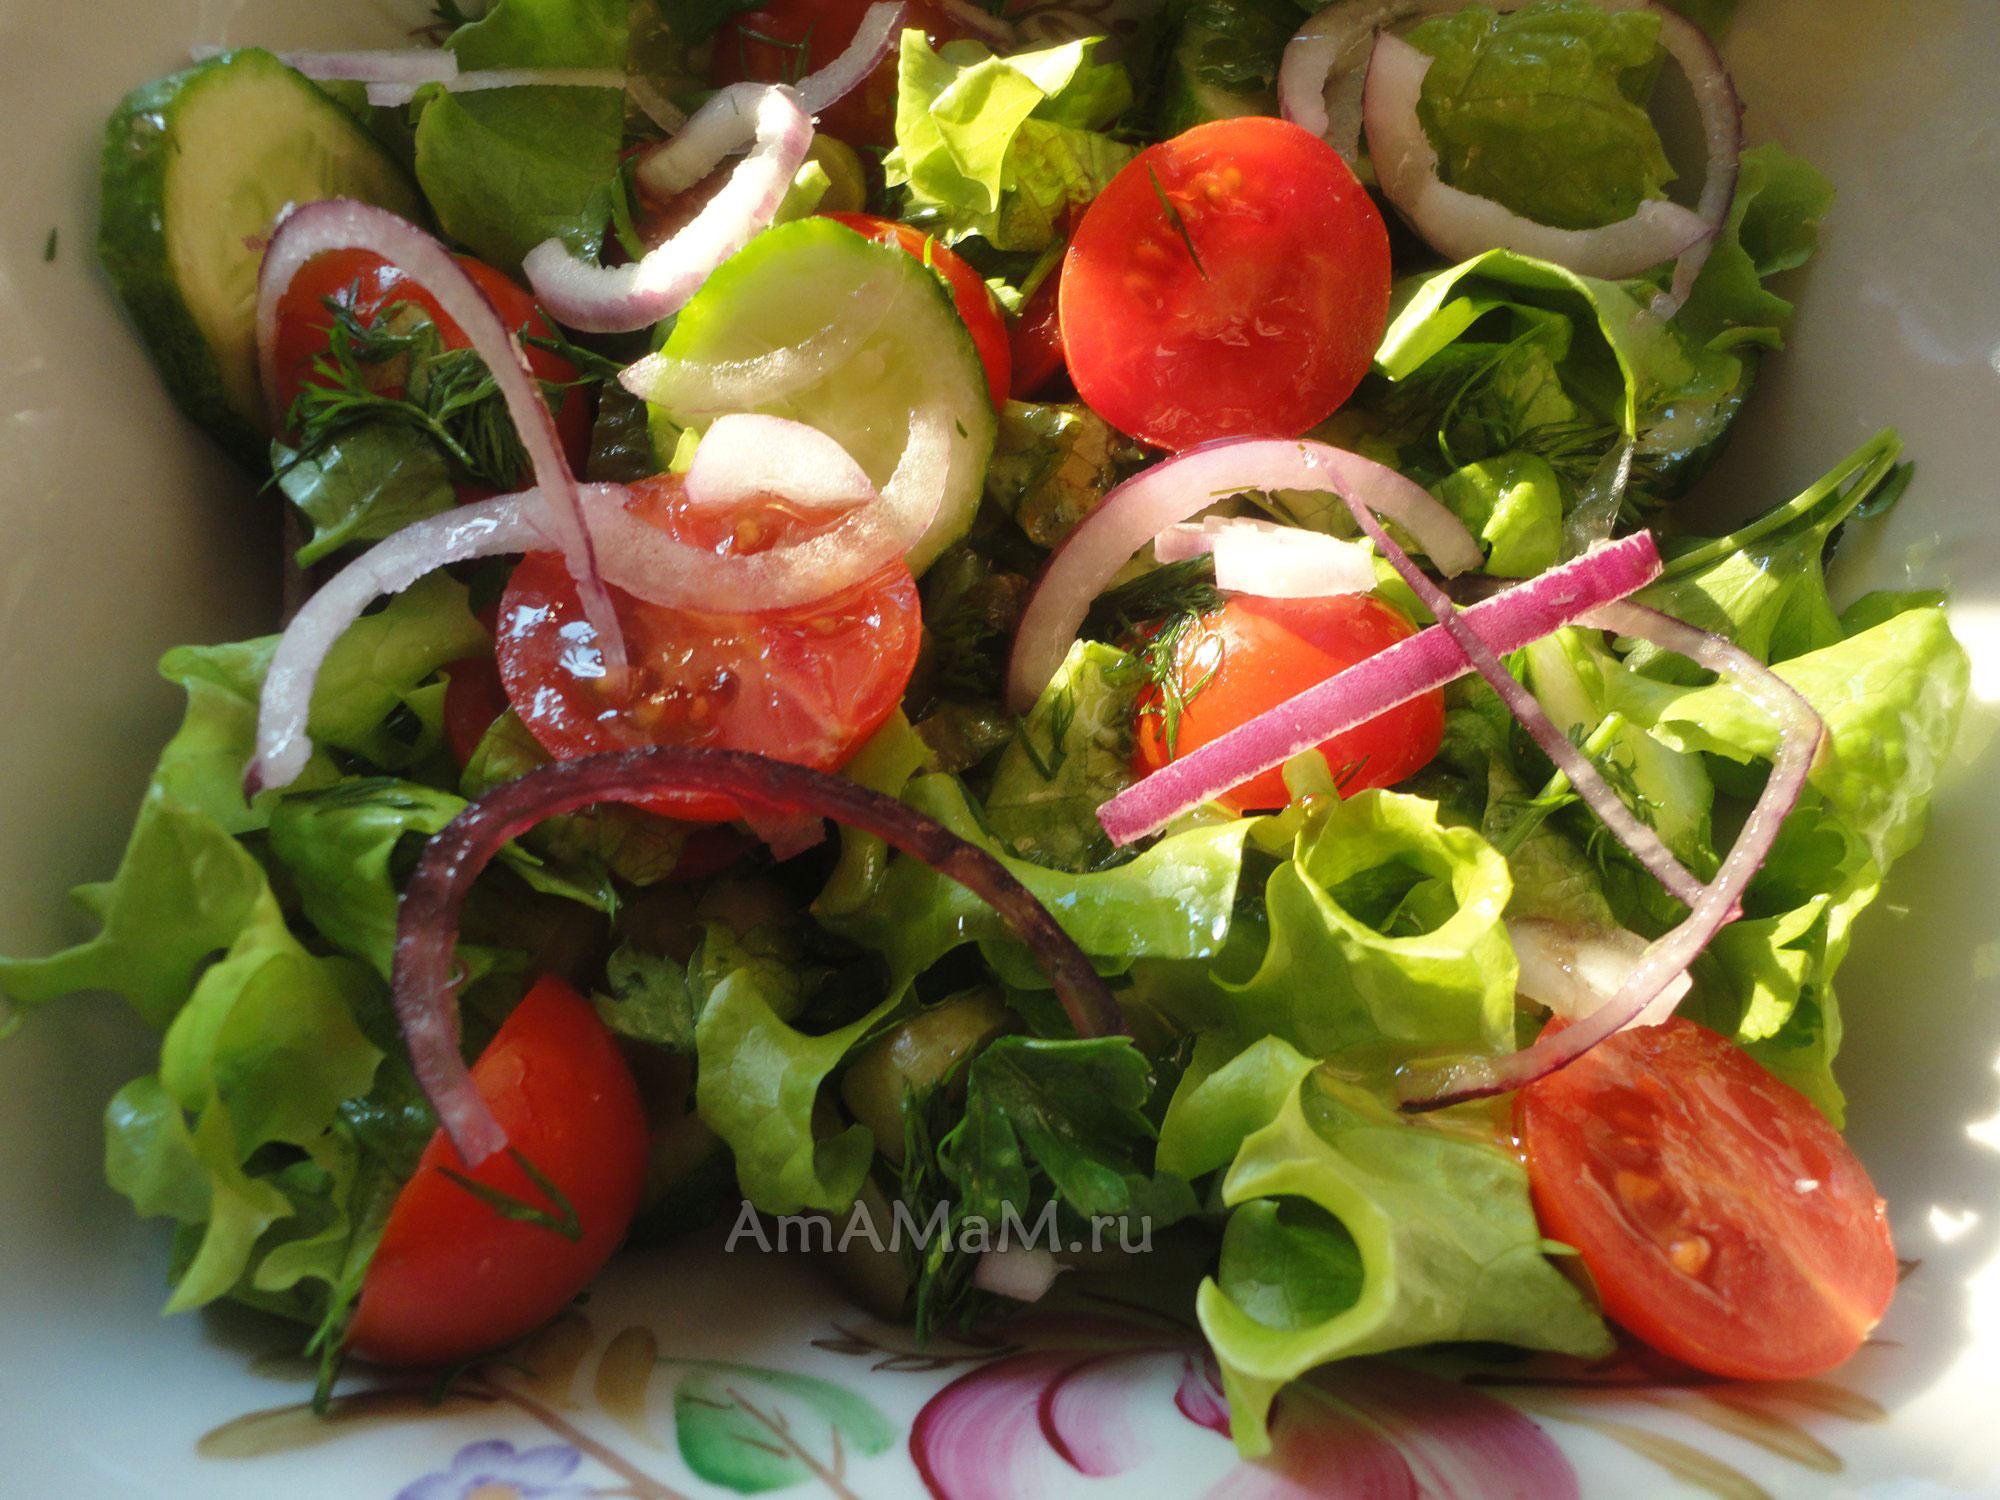 Закуска из листьев салата рецепты с фото